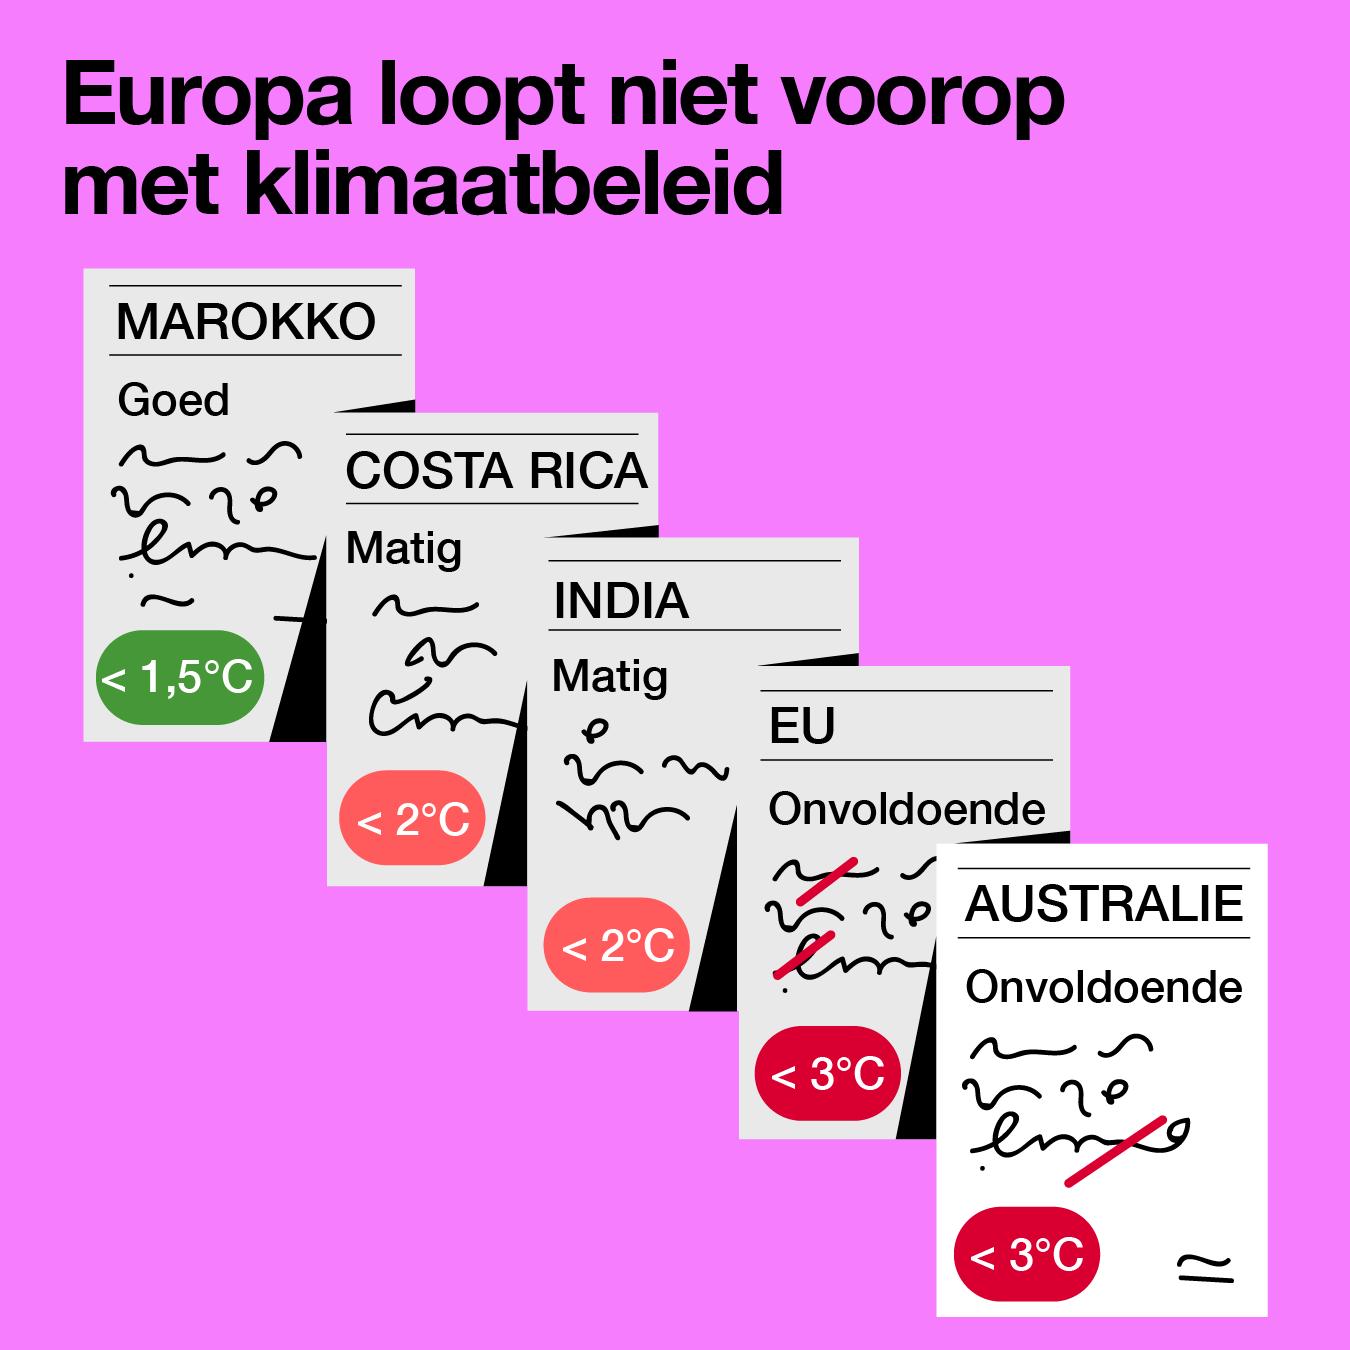 Europa loopt niet voorop met klimaatbeleid